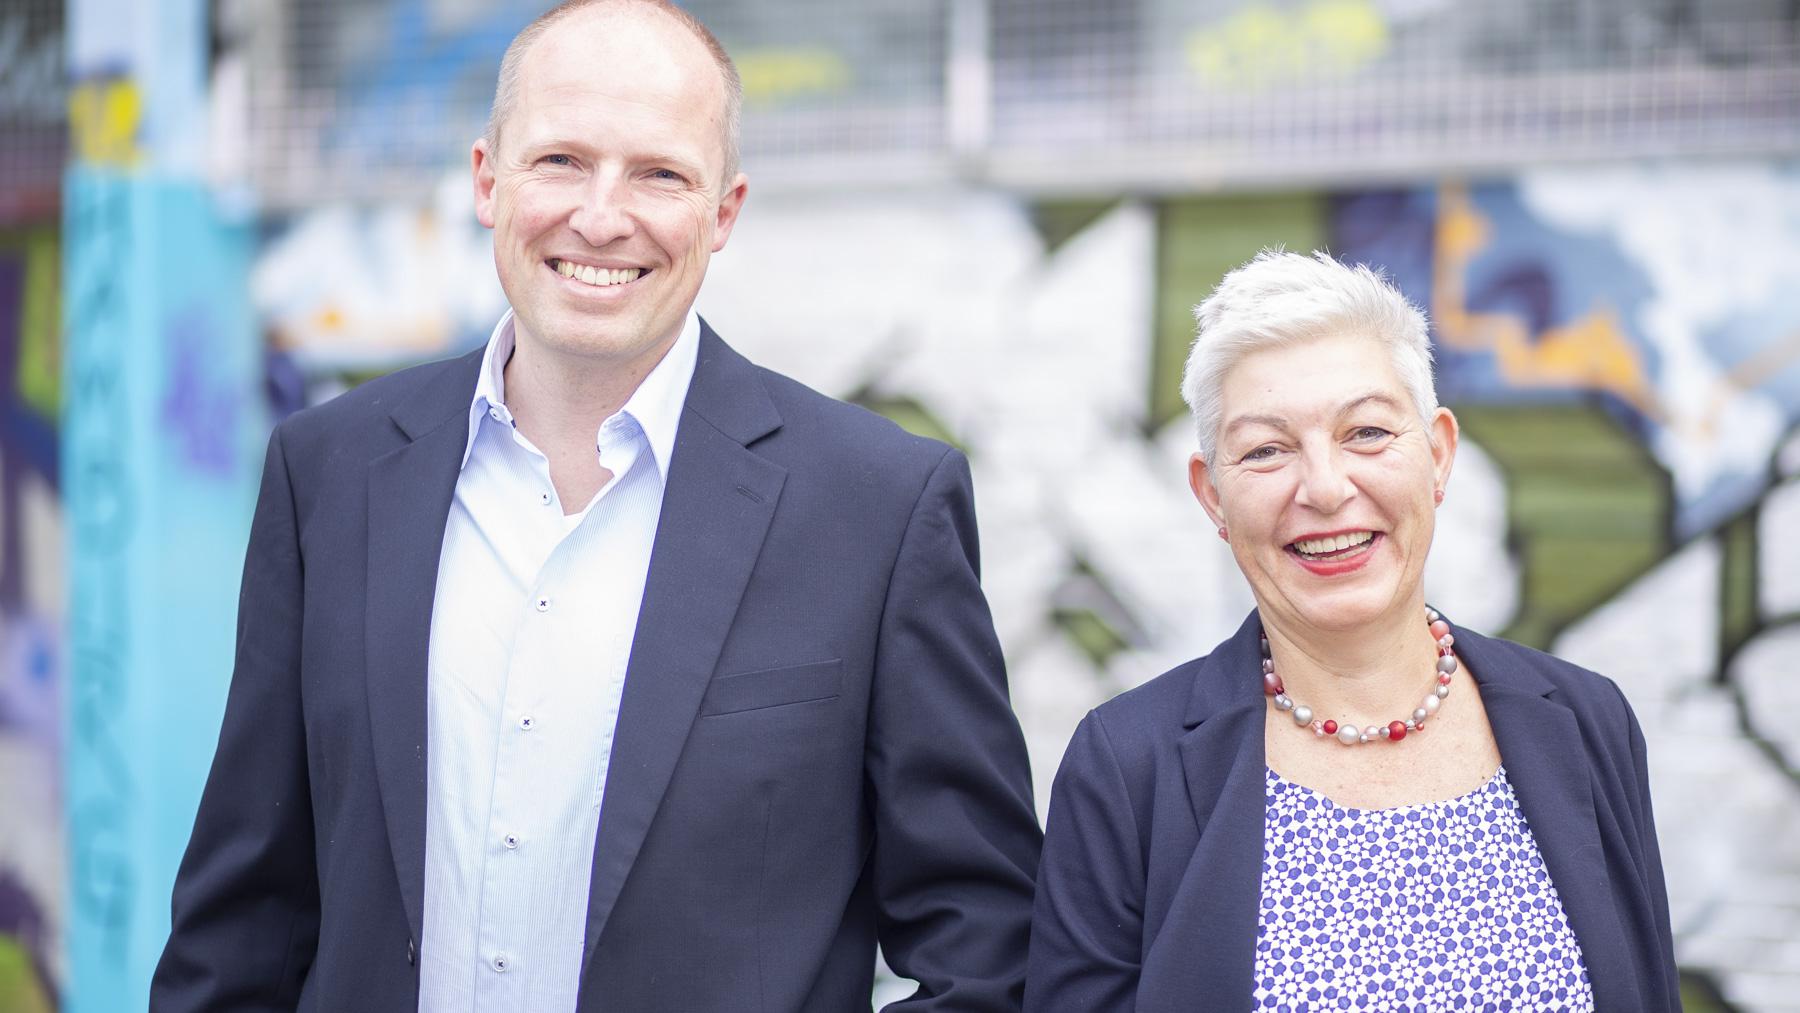 SPD -SPD-Bürgermeisterkandidat Tobias Handtke und die Spitzenkandidatin der SPD-Wahlliste Petra Andersen dankten allen Genossen für die konstruktive Beteiligung und organisatorische Unterstützung